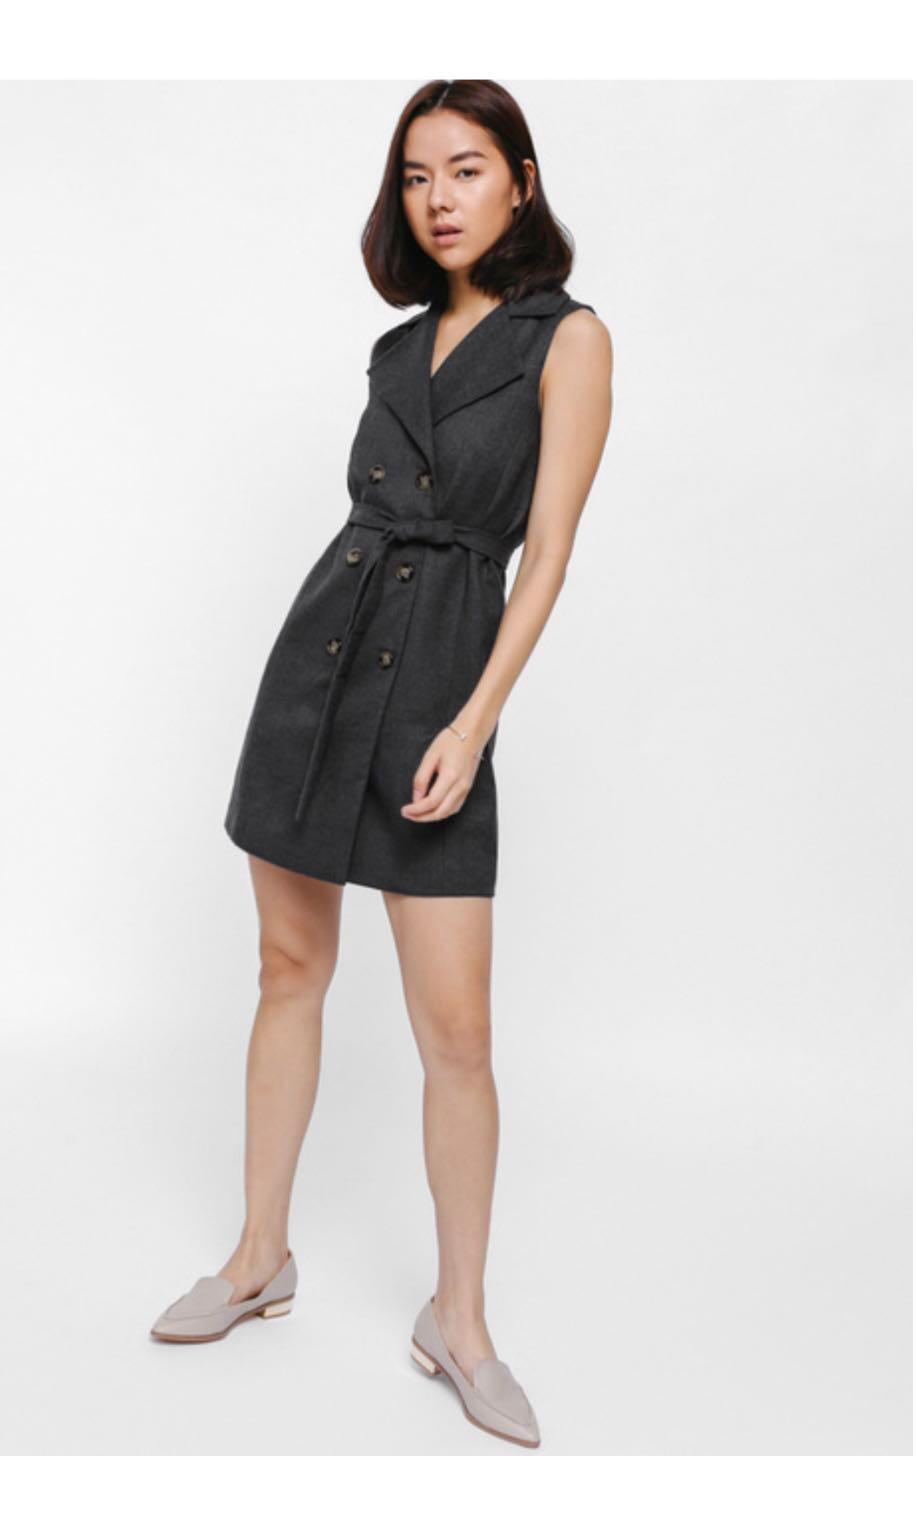 f82524e022 Brand new with tags Lovebonito Diafella Sash Vest Dress, Women's ...